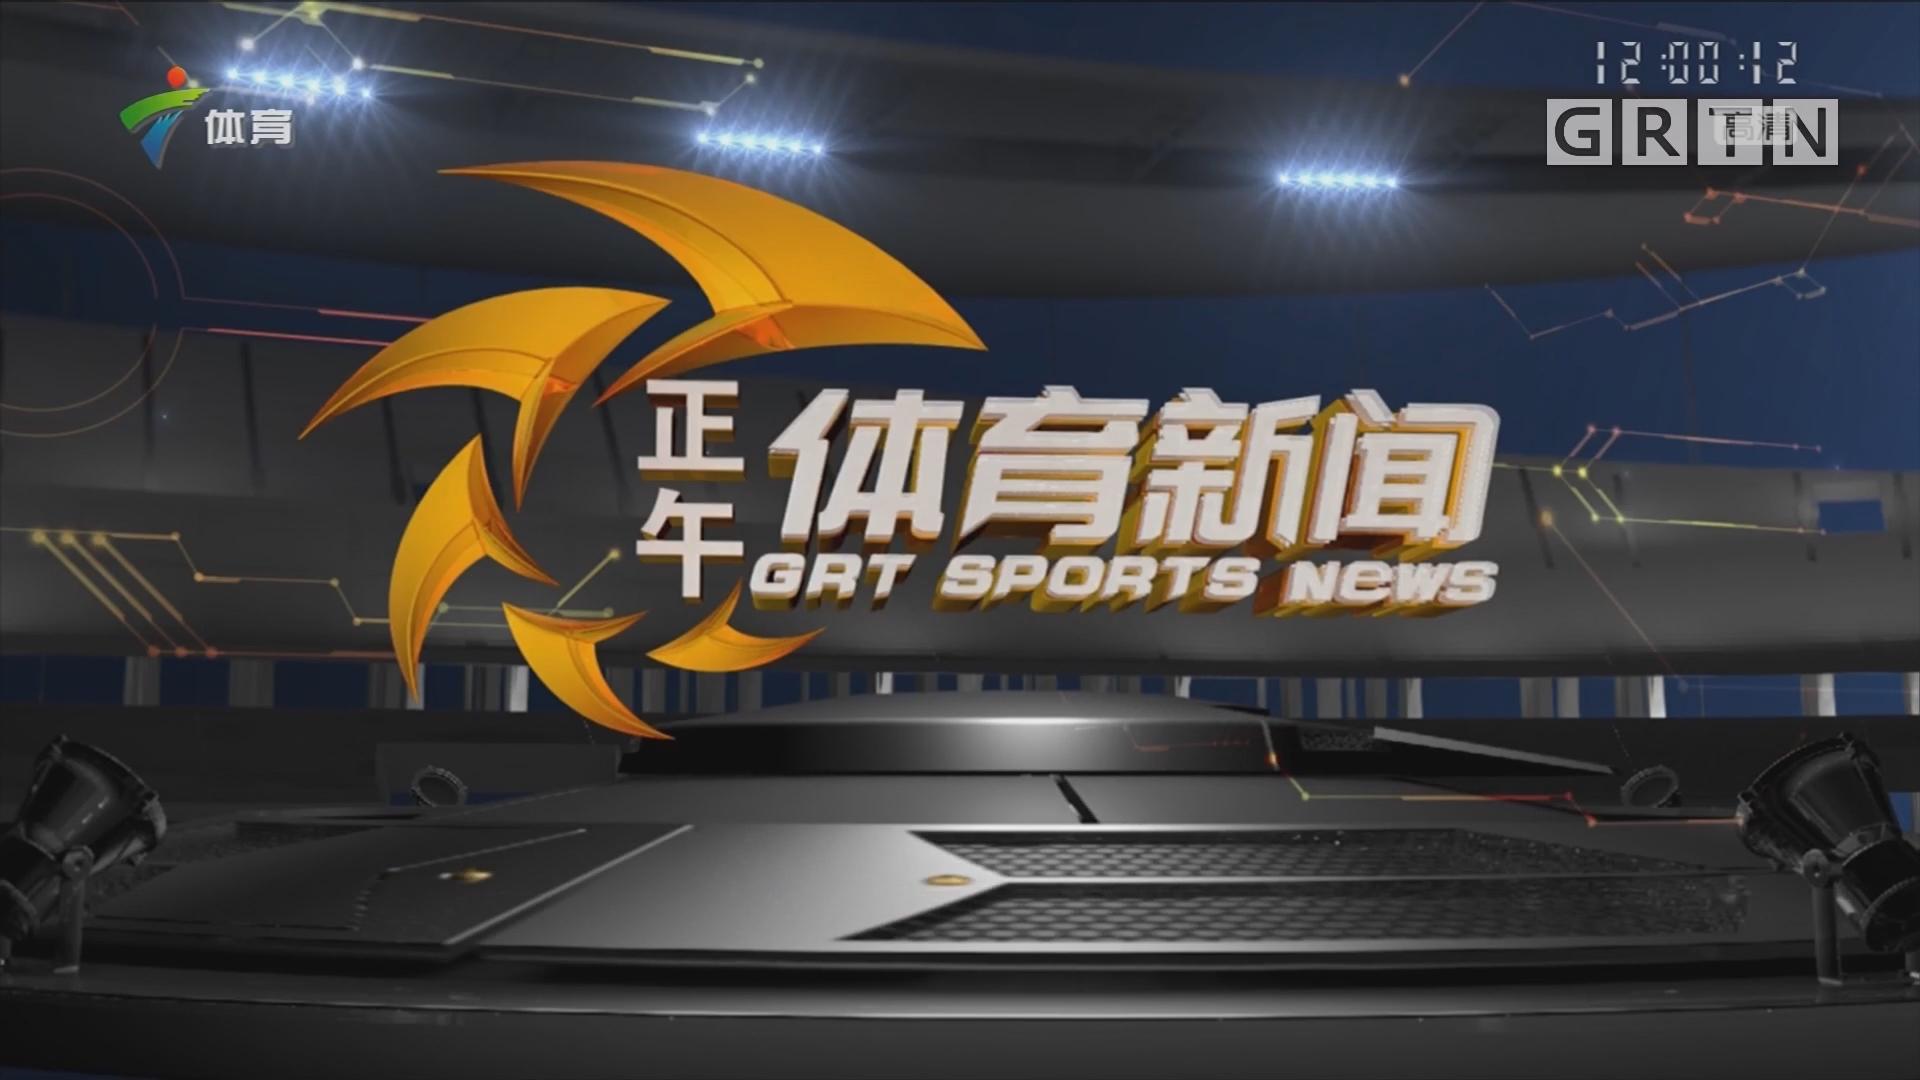 [HD][2018-09-20]正午体育新闻:再战最熟悉杯赛 埃梅里欲启用新门将